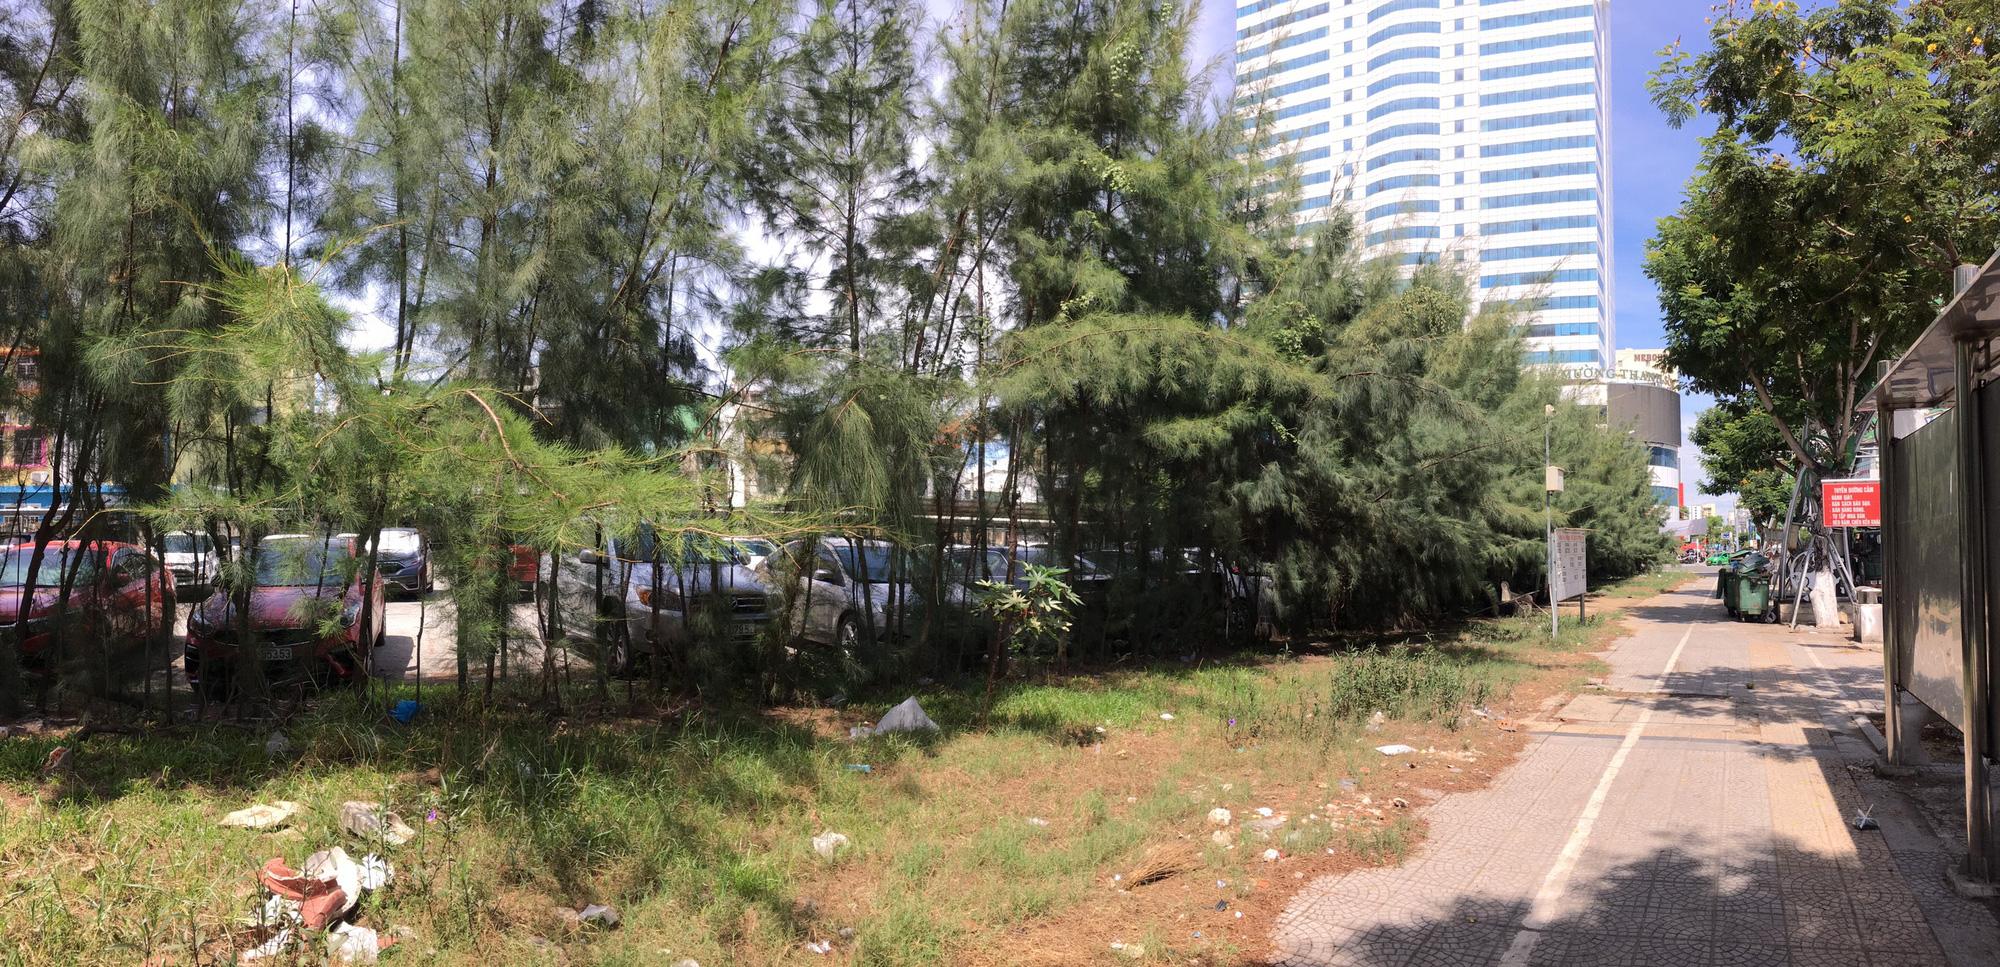 Cận cảnh hai khu đất gần cầu Rồng, Đà Nẵng sẽ đấu giá làm bãi đỗ xe - Ảnh 4.